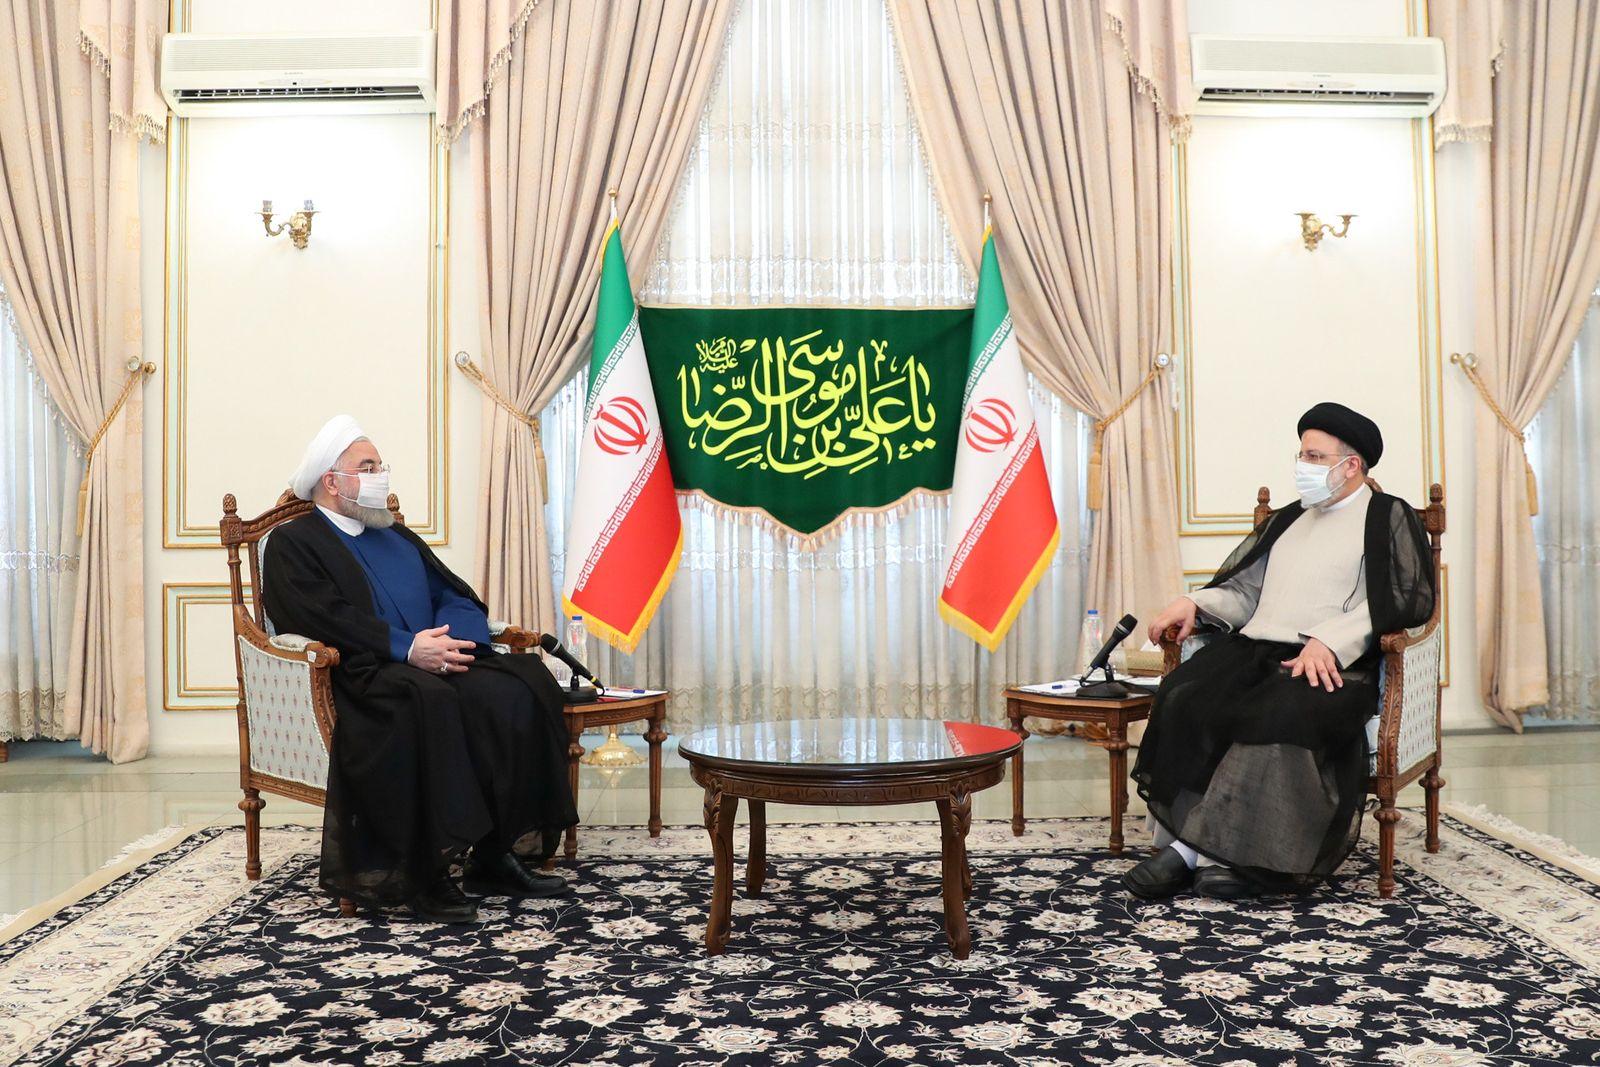 Nach der Präsidentenwahl im Iran